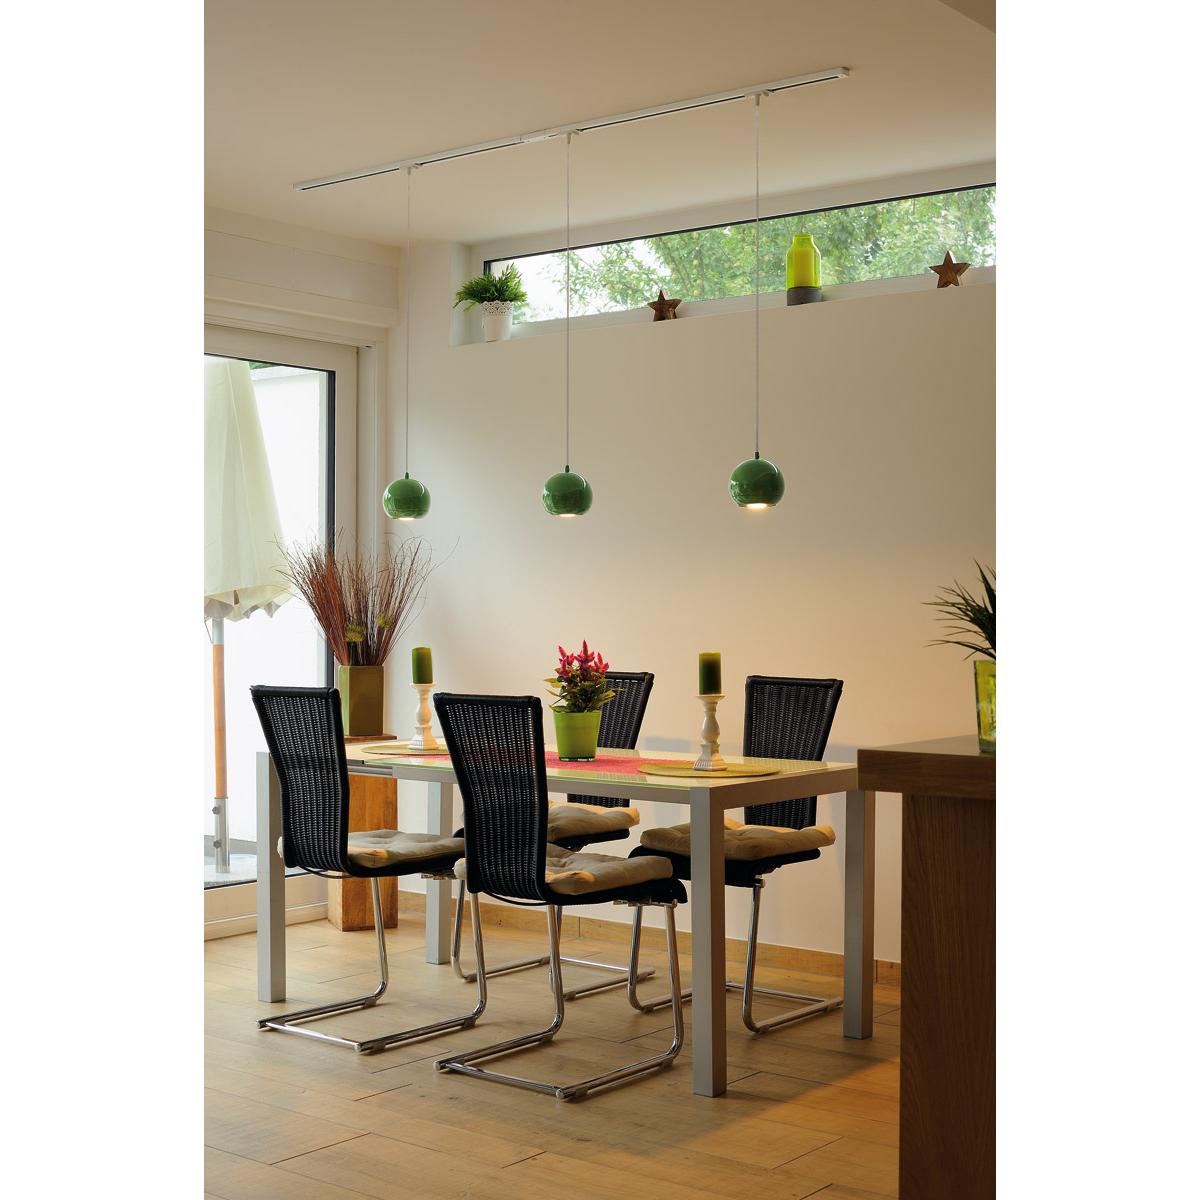 slv 143625 light eye es111 pendelleuchte farngr n gu10 max 75w inkl 1p adapter. Black Bedroom Furniture Sets. Home Design Ideas